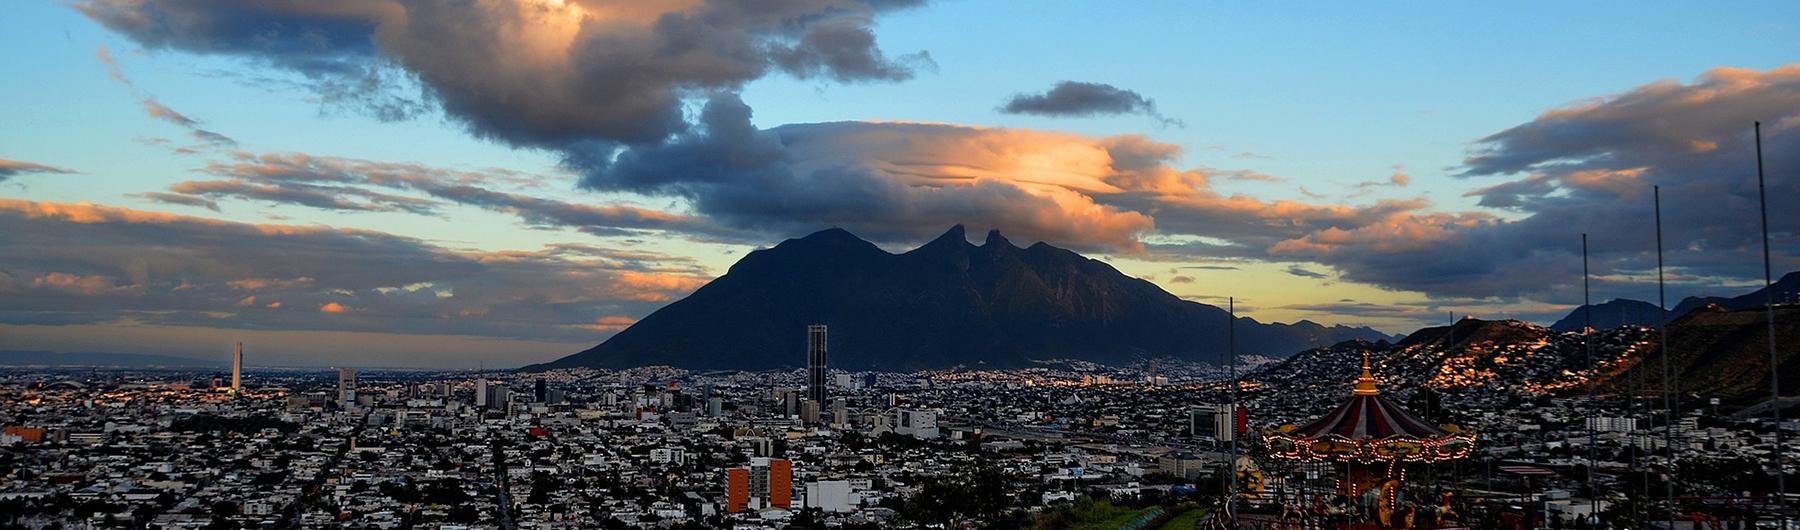 Shopify en México: Monterrey